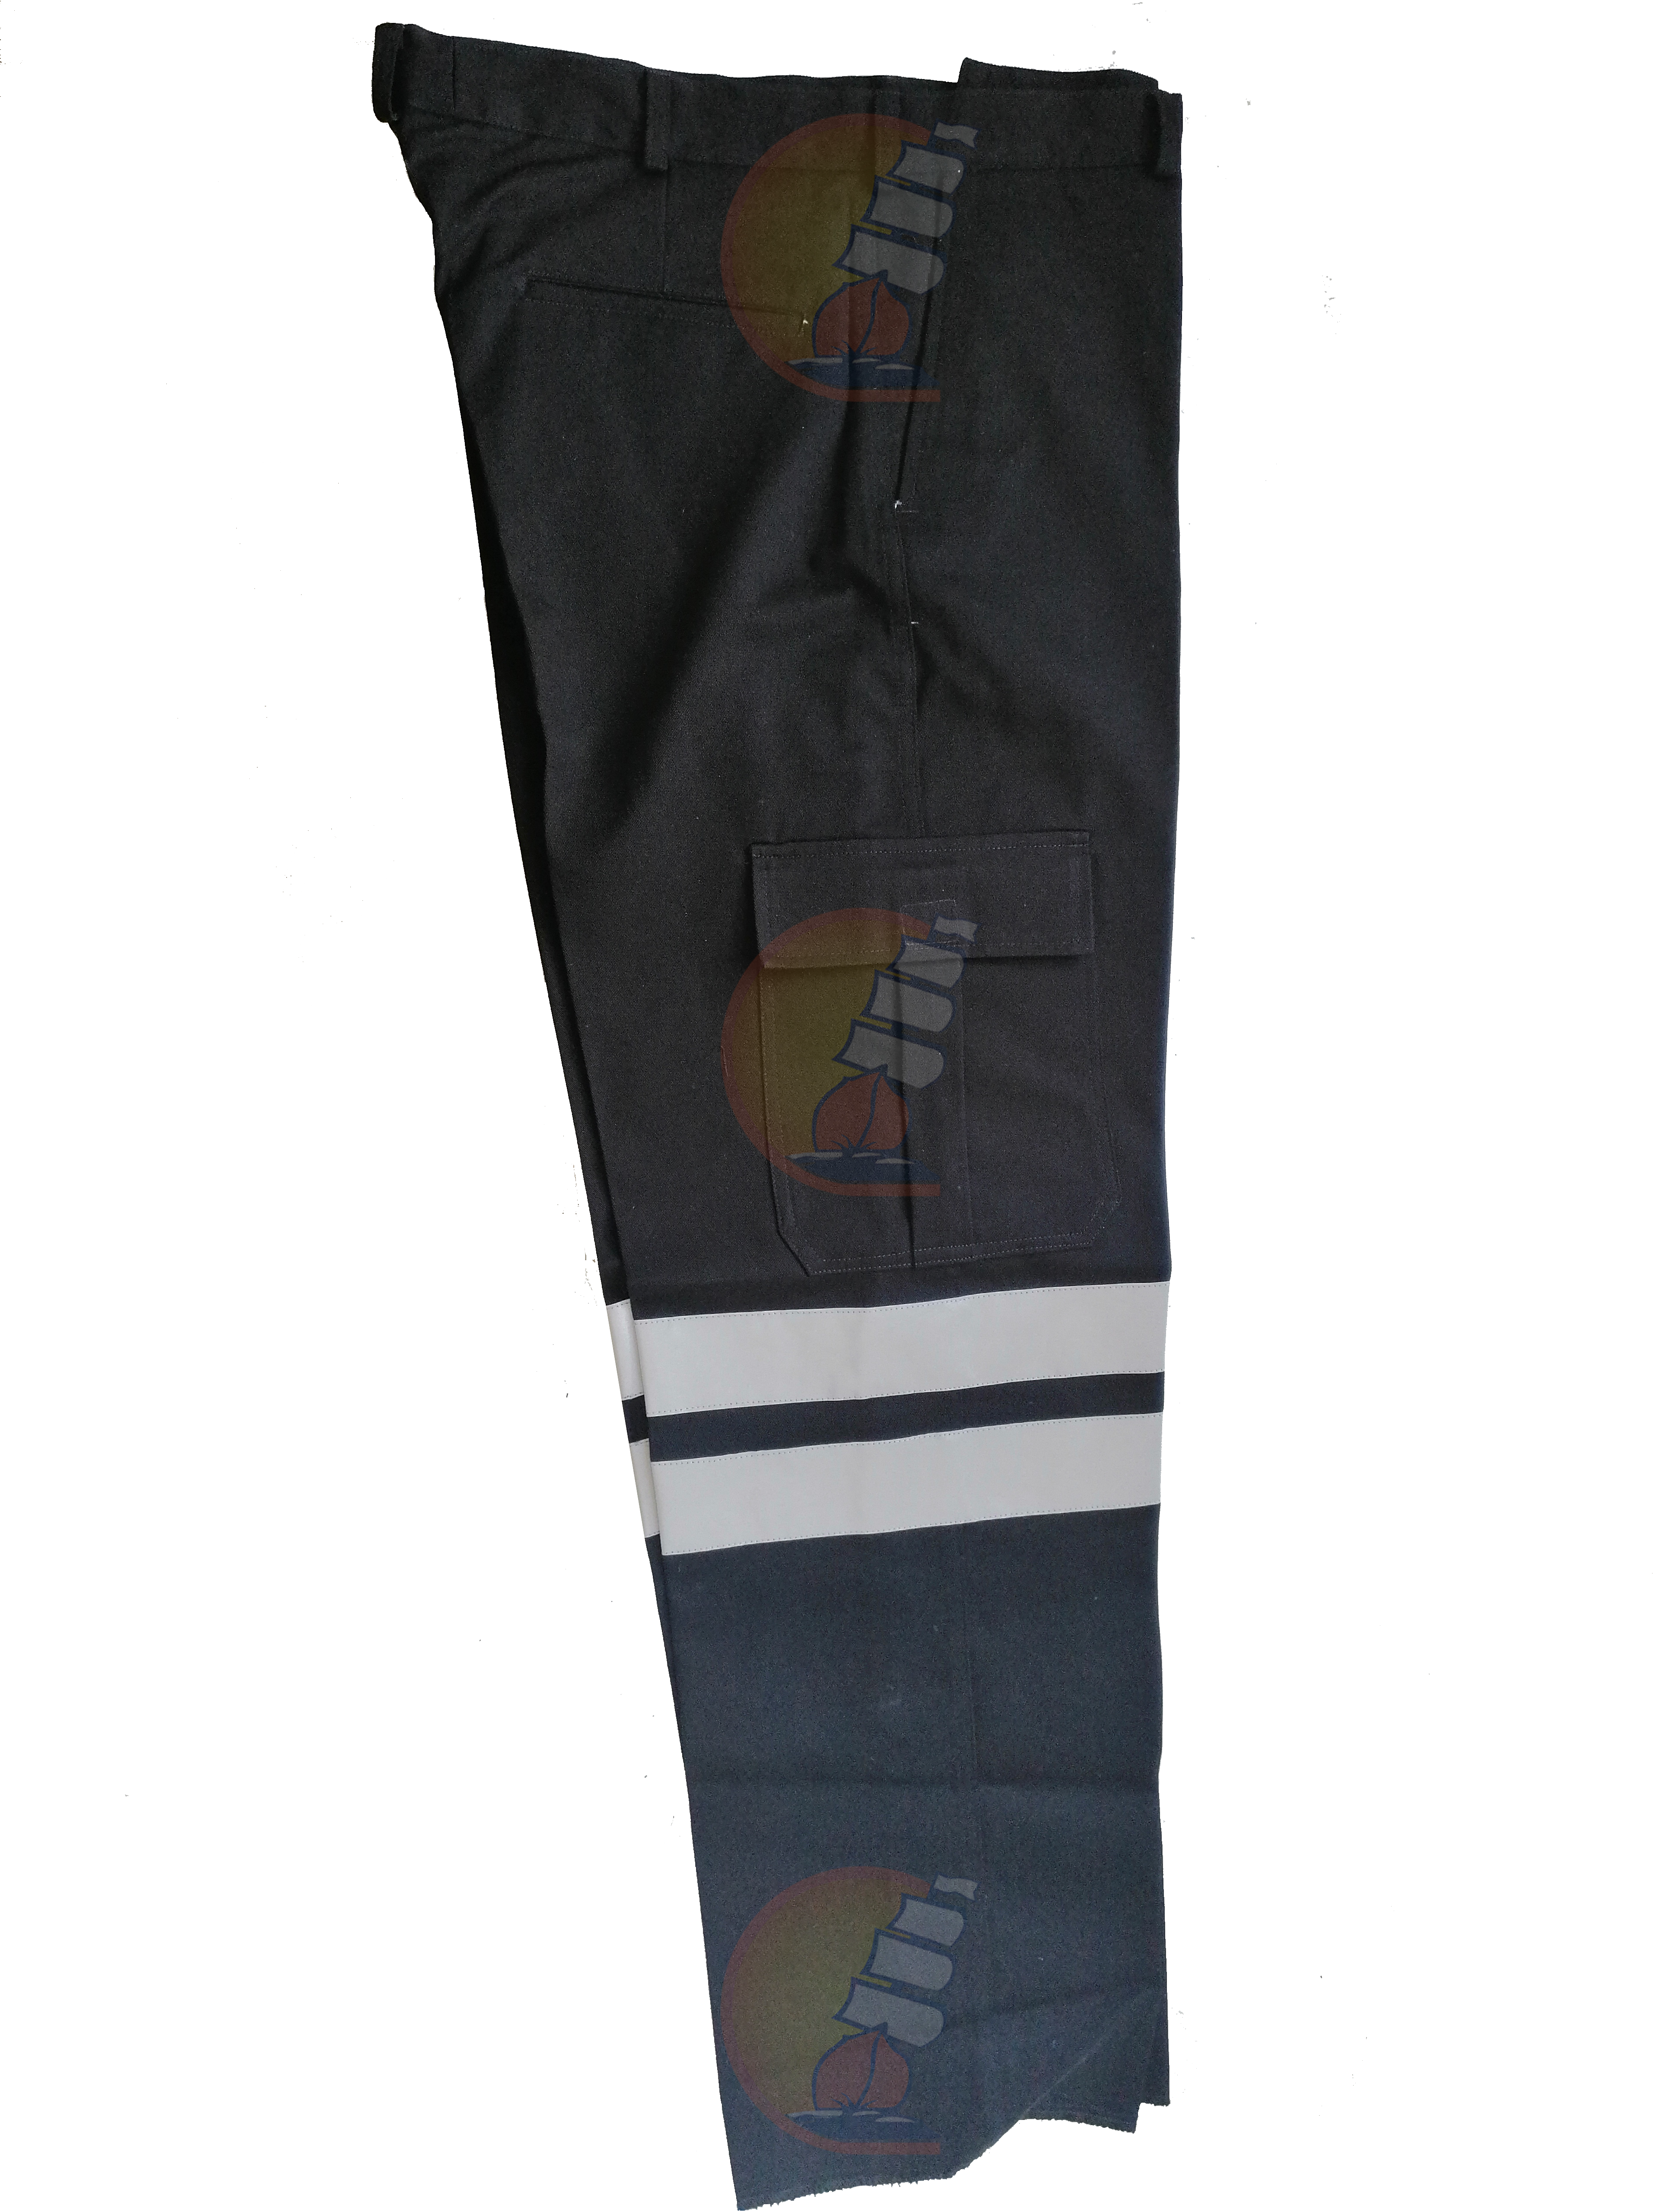 https://0201.nccdn.net/4_2/000/000/06b/a1b/pantalon-con-2ble-reflejante---bolsa-de-cargo-3840x5120.png